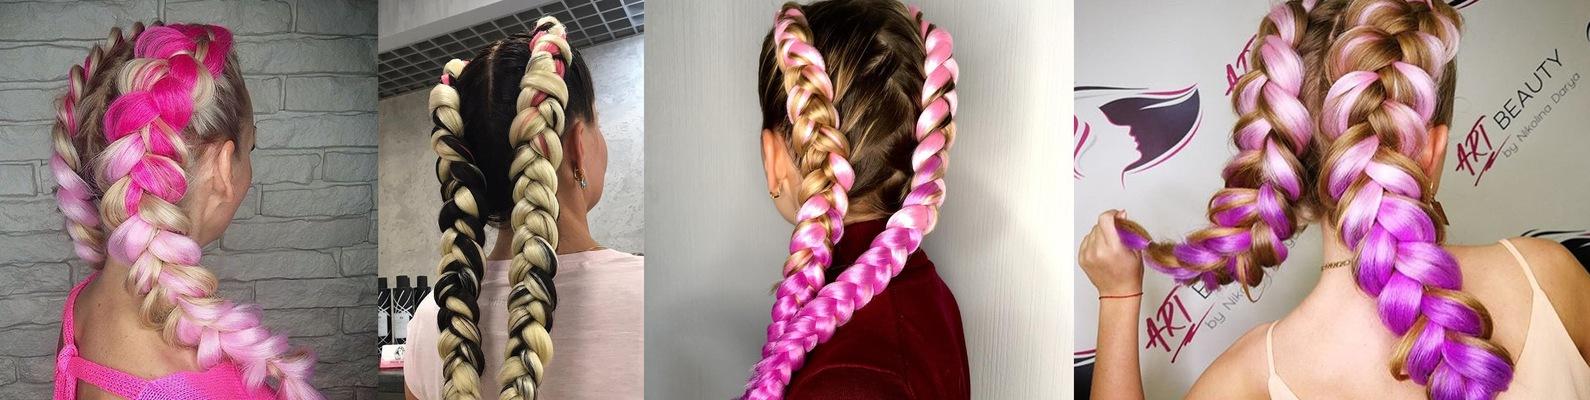 Плетение кос с искусственными прядями